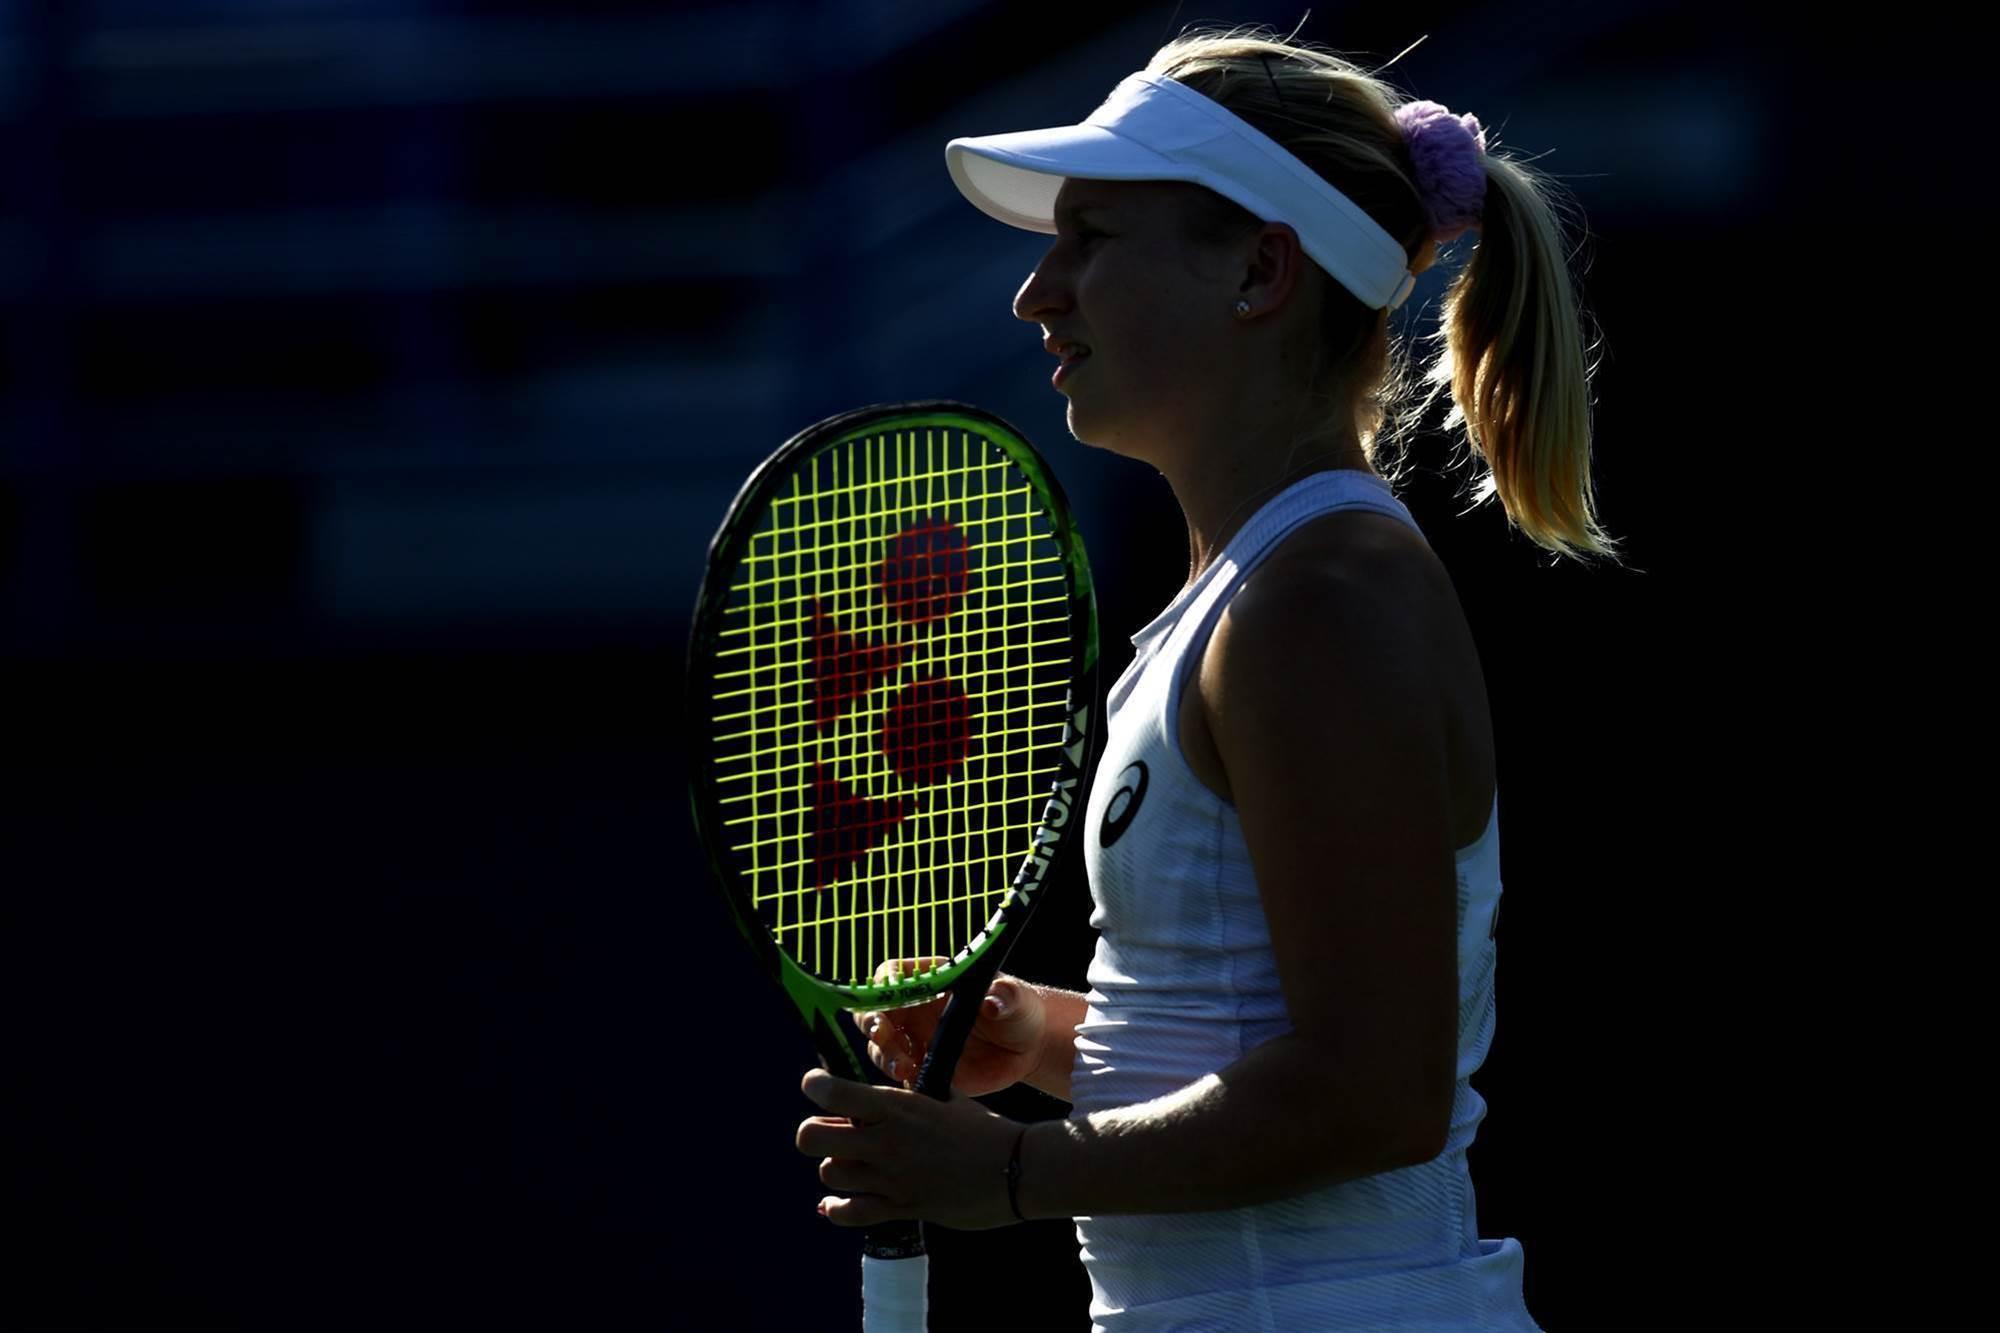 Australians face tough US Open draw